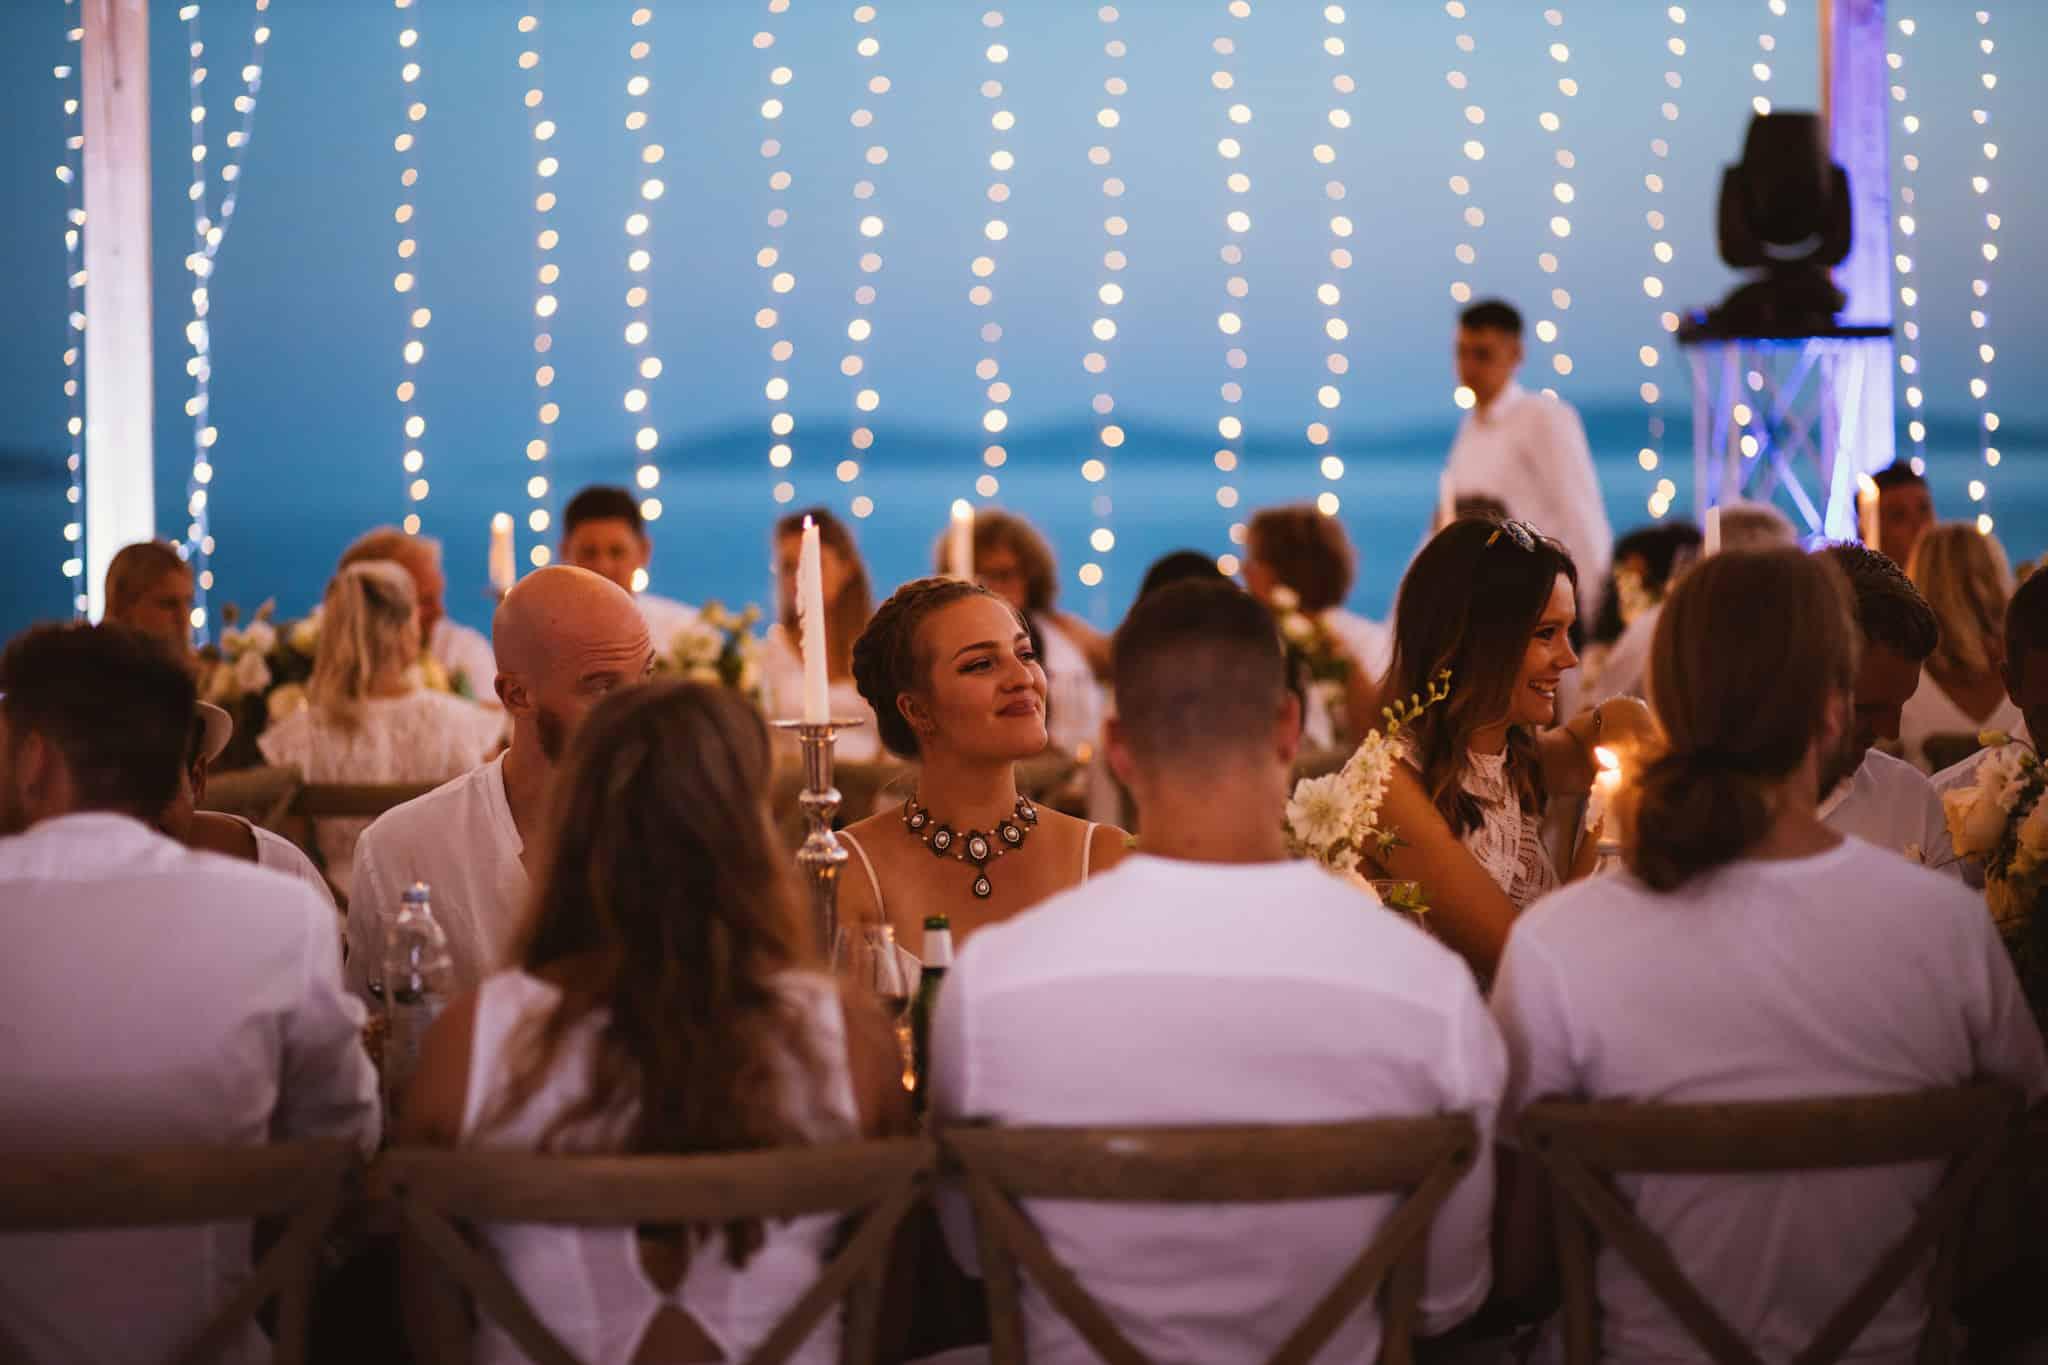 Heiraten-am-Strand-Hochzeit-DJ - Kroatien-Hochzeit